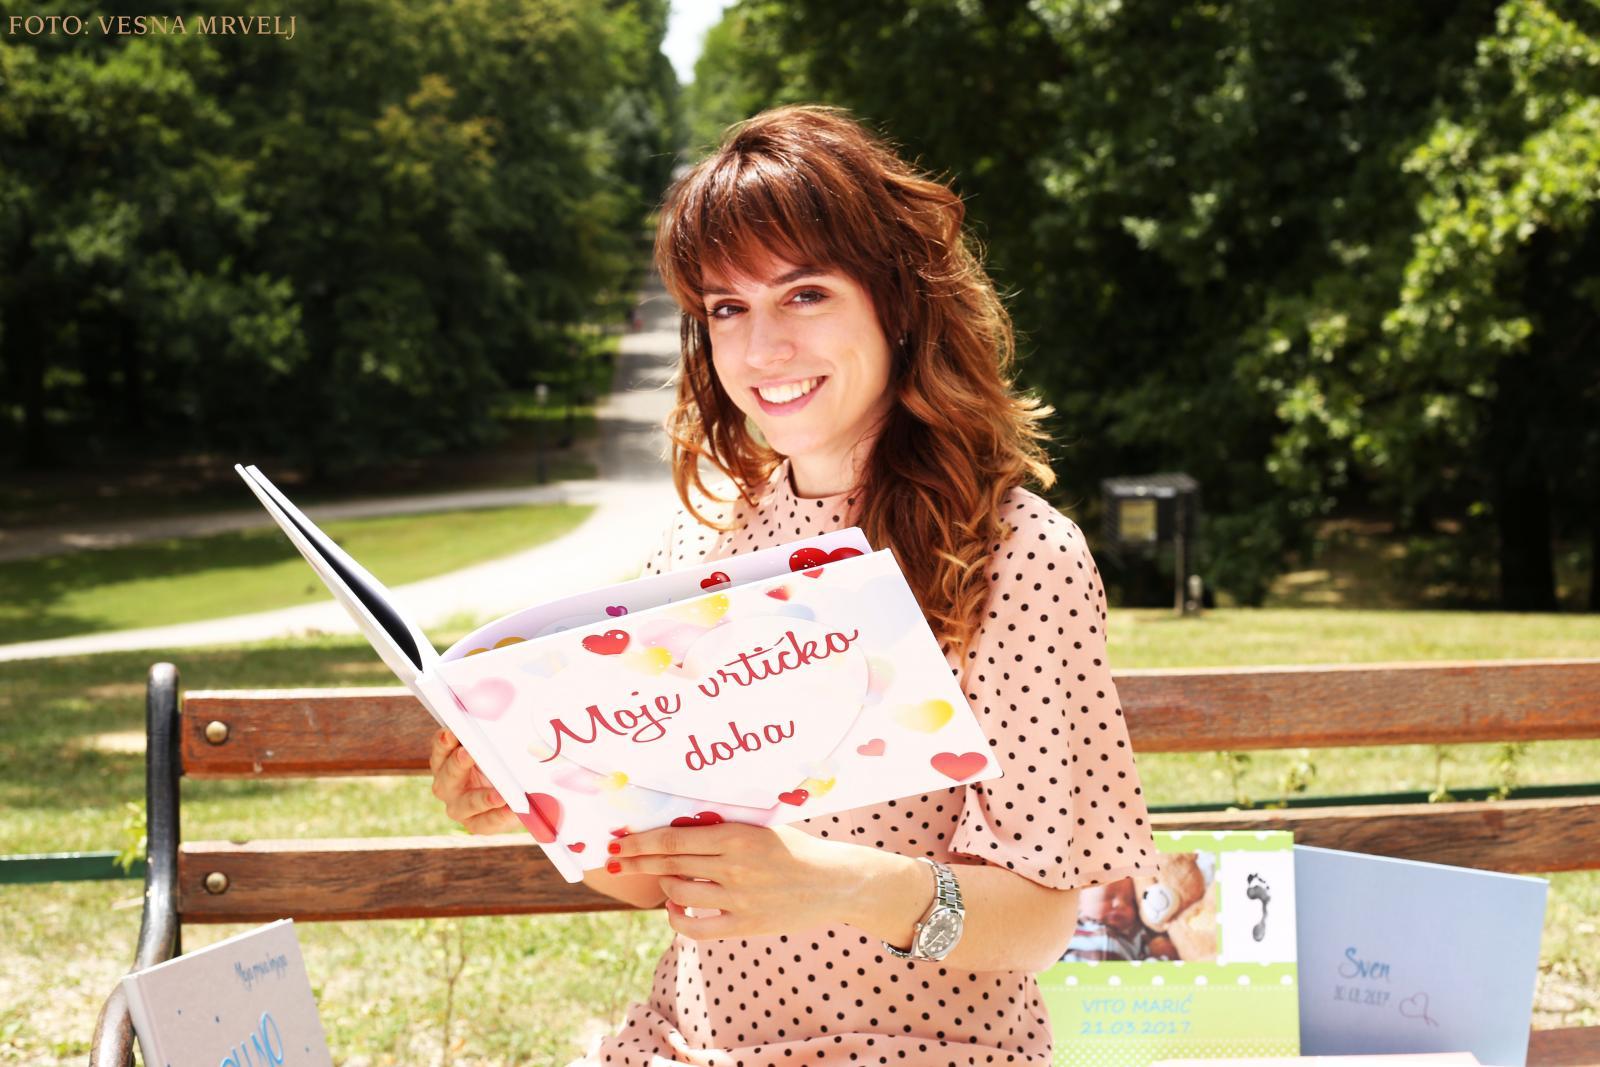 Posebnu čar svojim unikatnim knjigama Daria je dodala apliciranjem djetetova imena i prezimena 3D printom na korice.